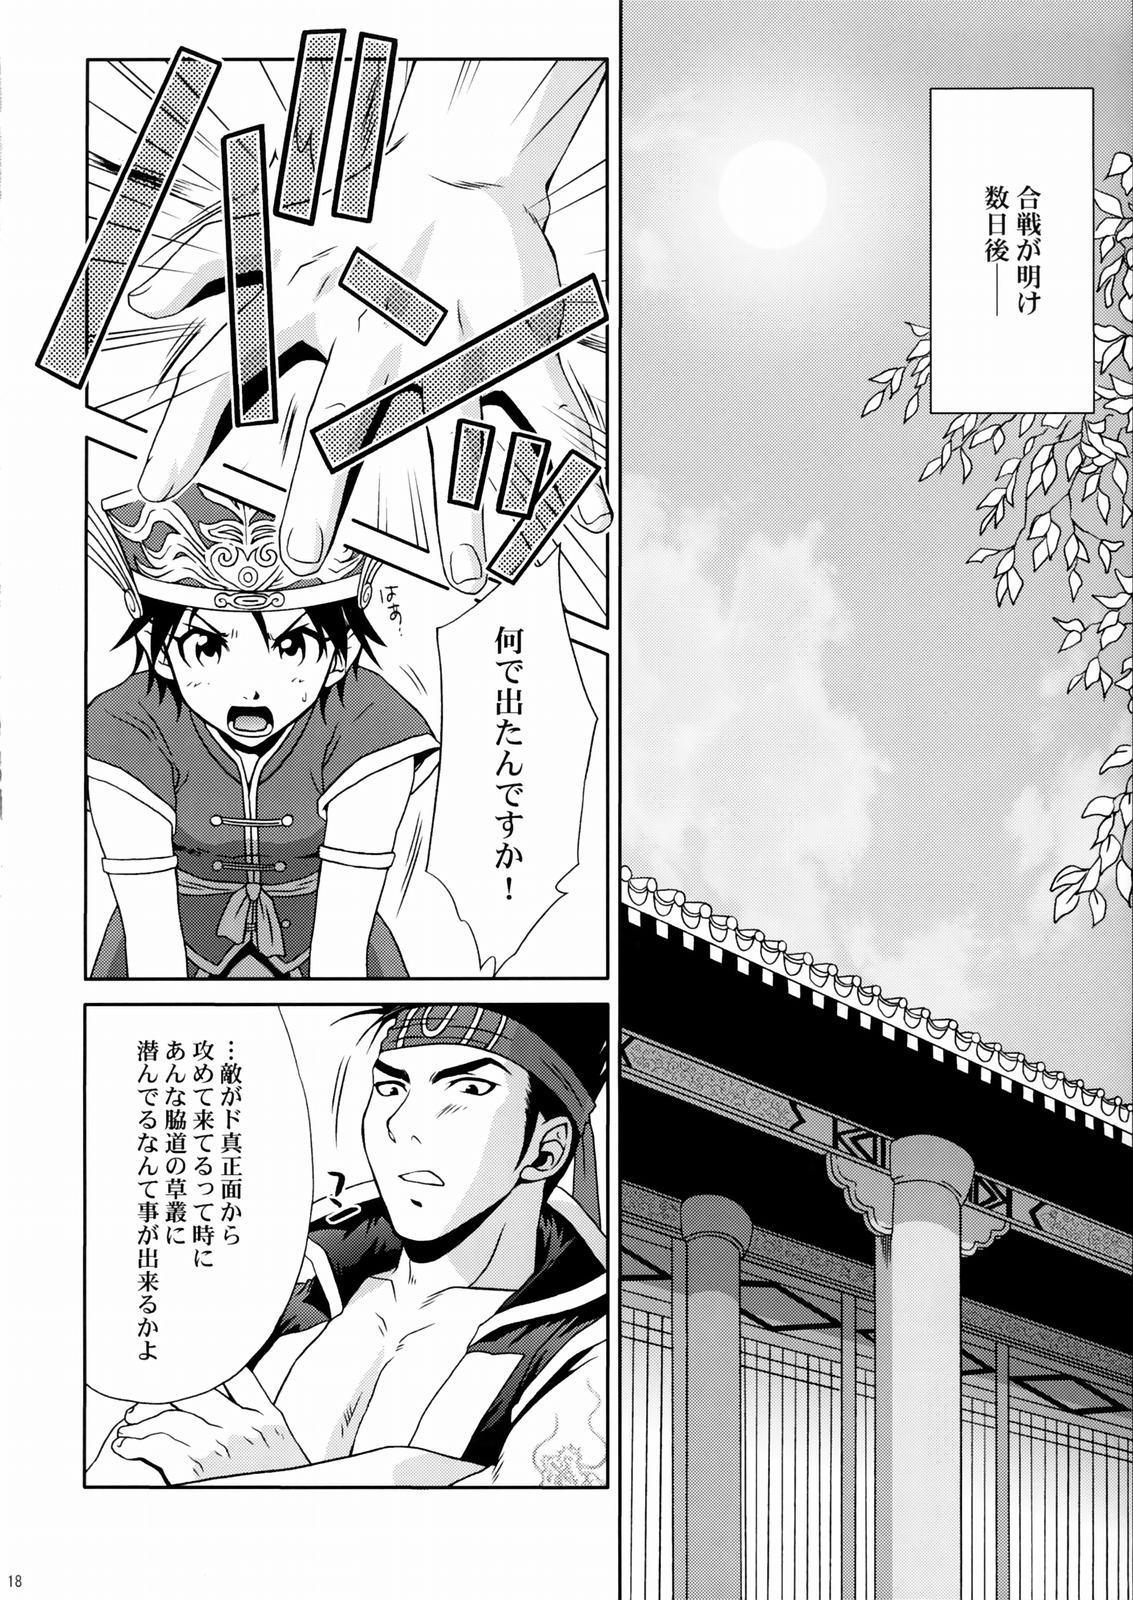 Rikuson-chan 16